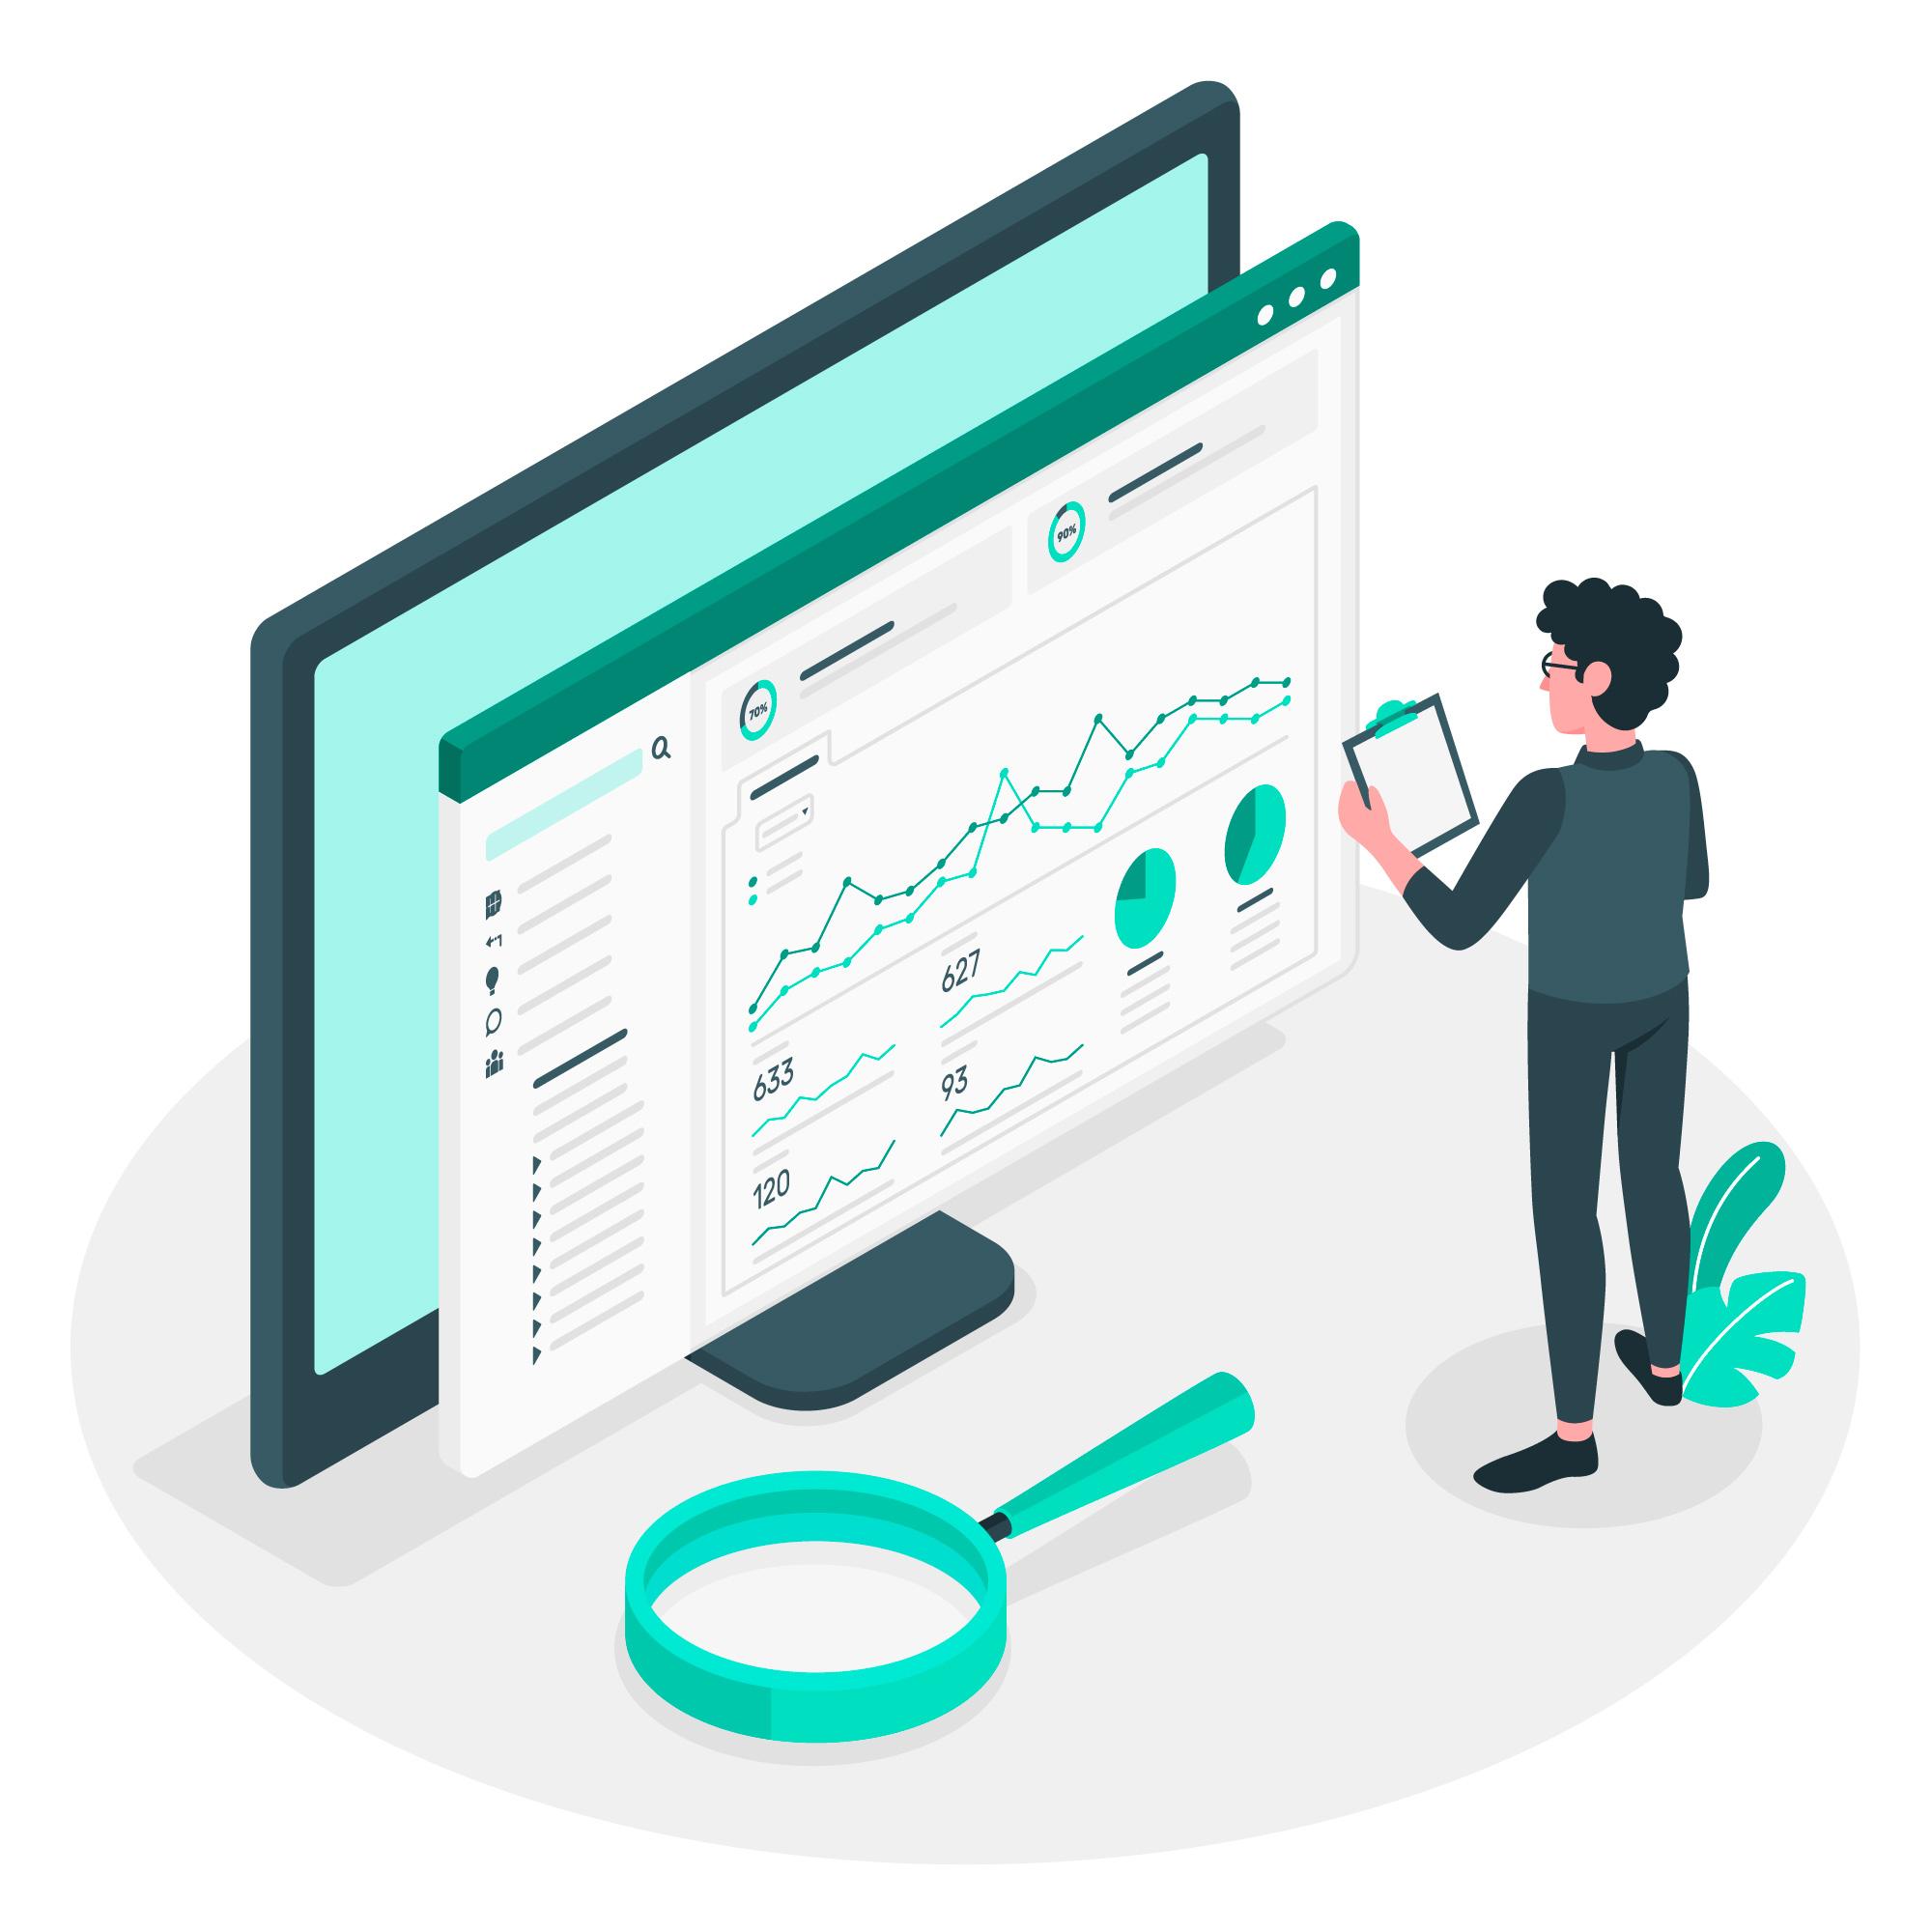 Pourquoi la data visualisation est-elle indispensable à votre activité ? [+ GUIDE]